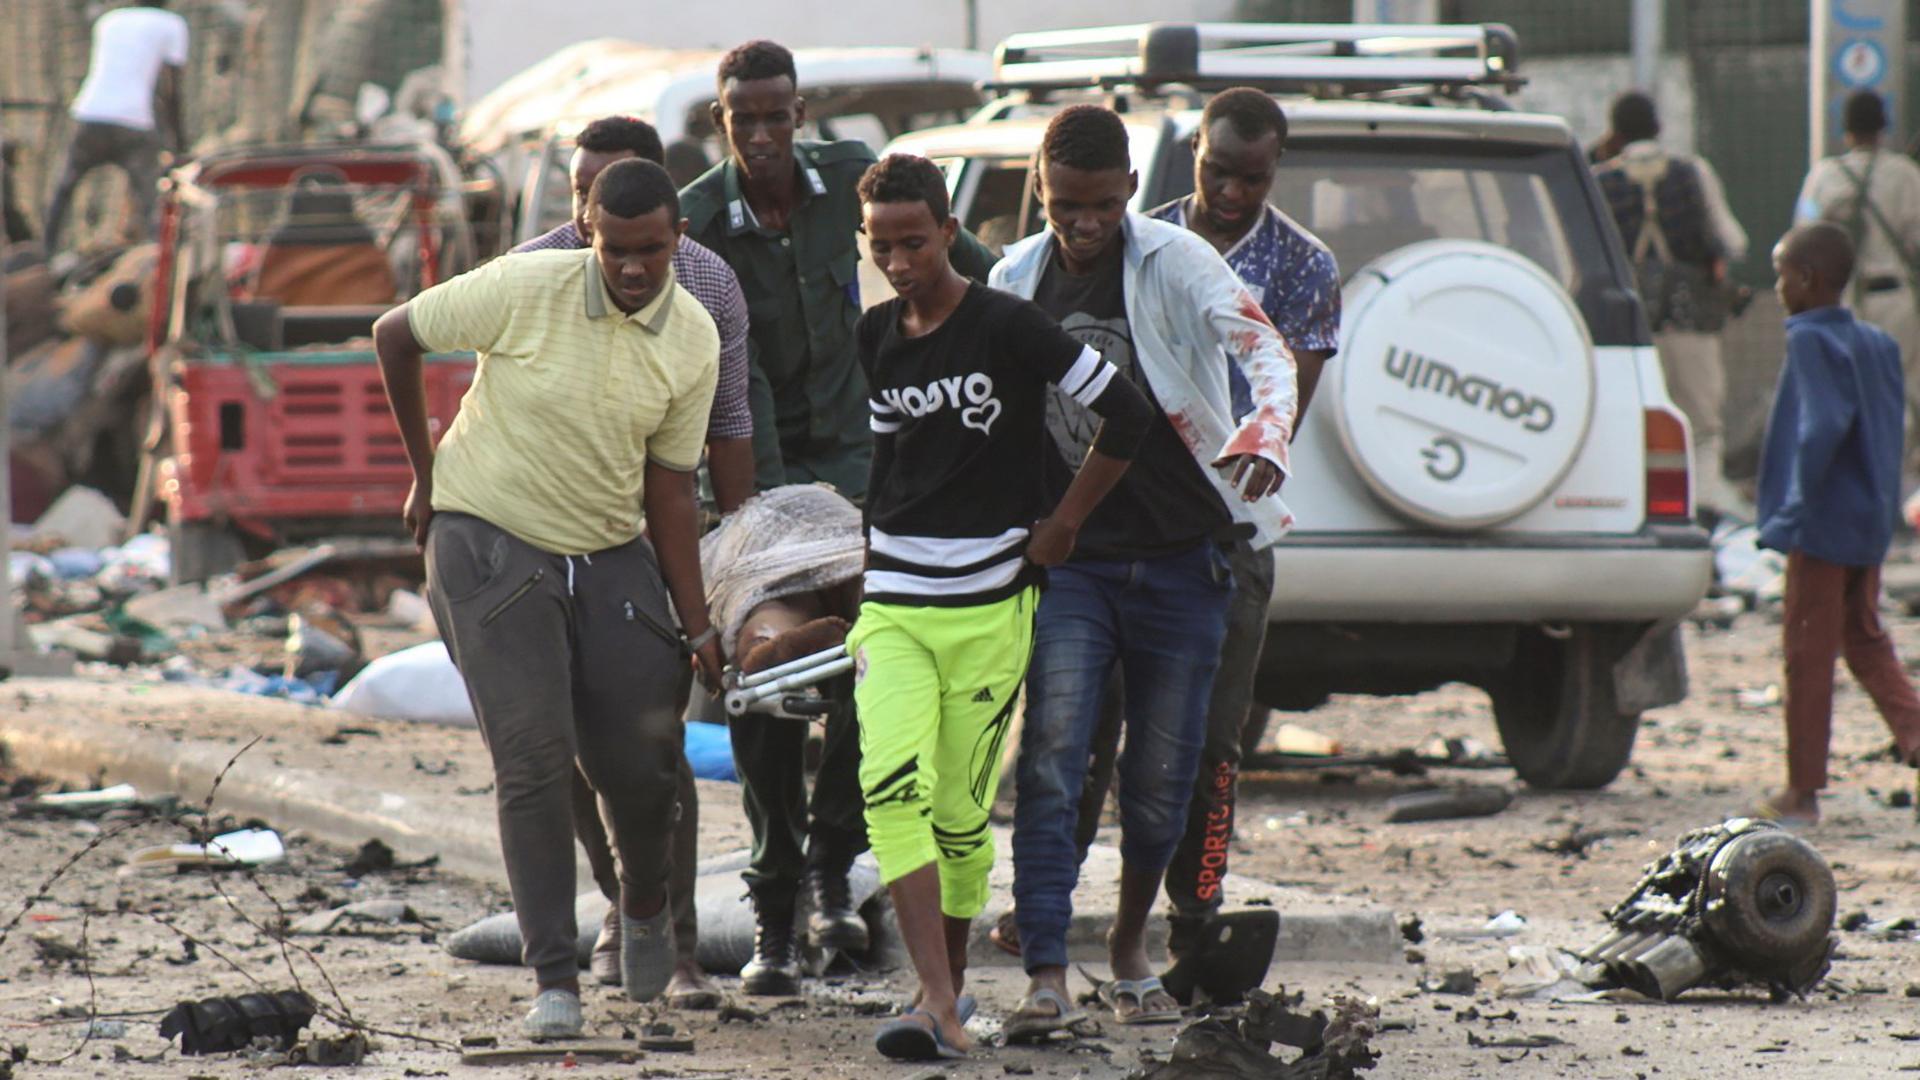 Al menos 20 personas murieron en un atentado con coches bomba en la capital de Somalia (EFE)